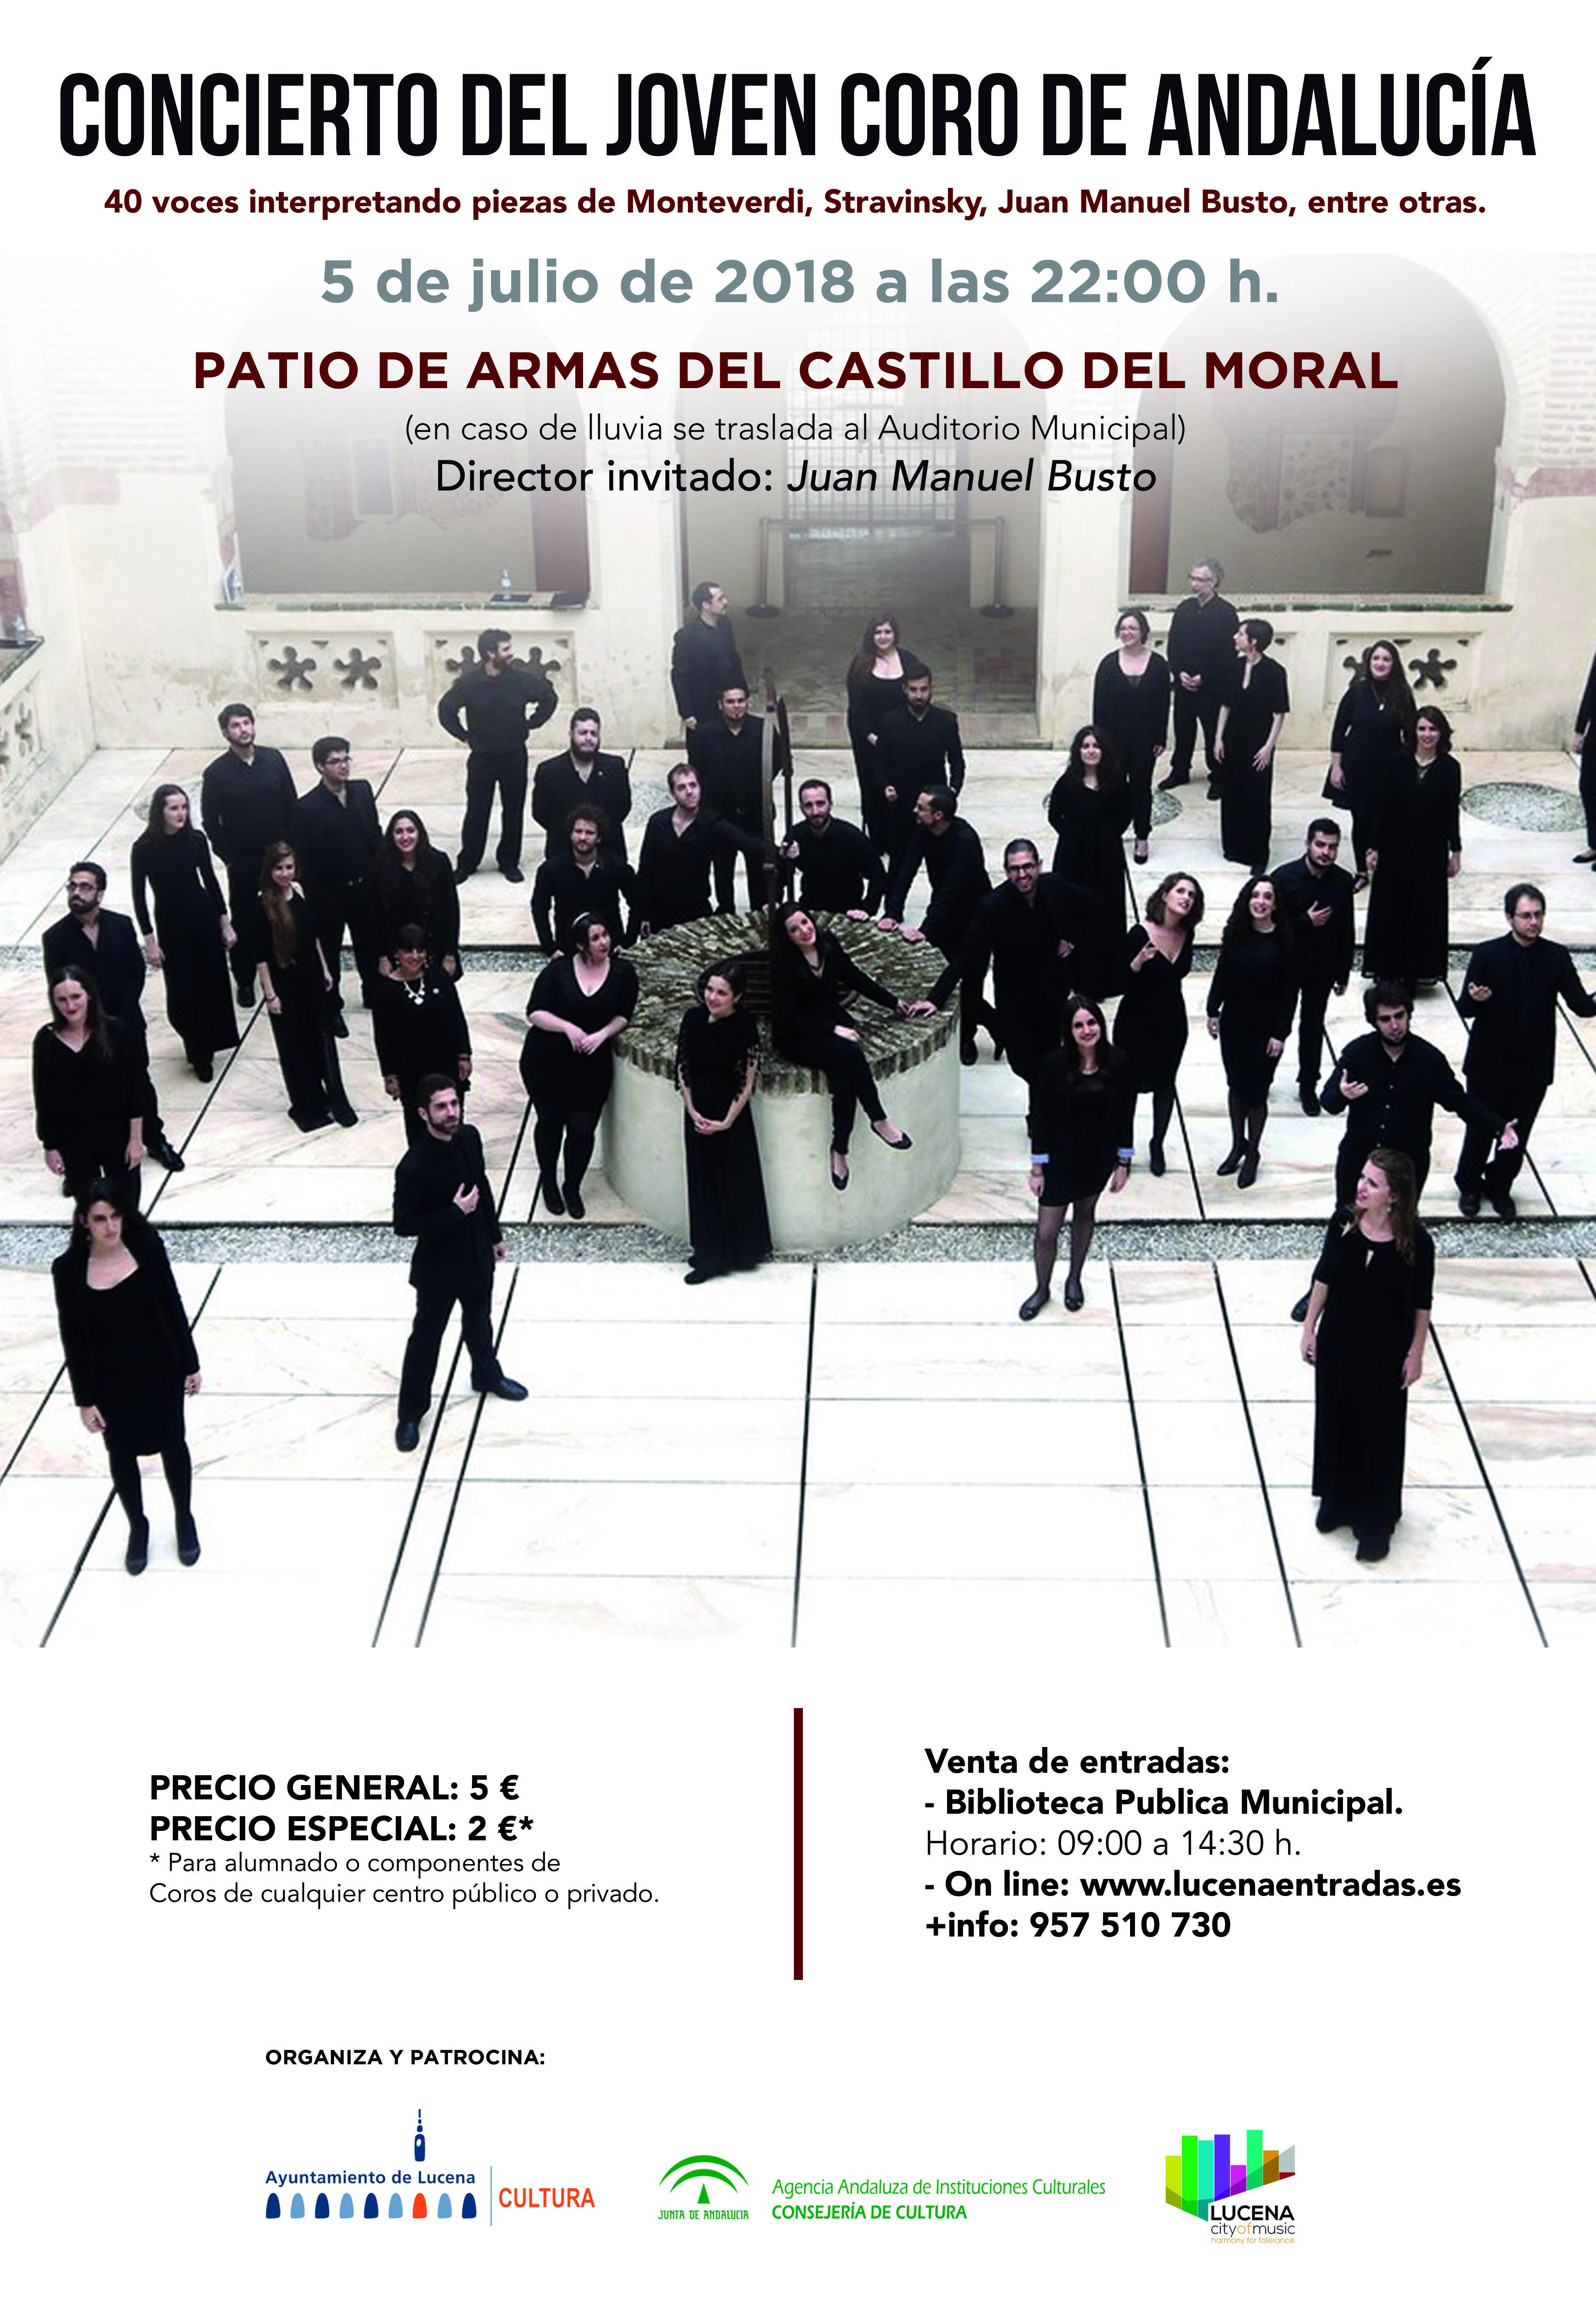 CONCIERTO DEL JOVEN CORO DE ANDALUCÍA @ Castillo del Moral